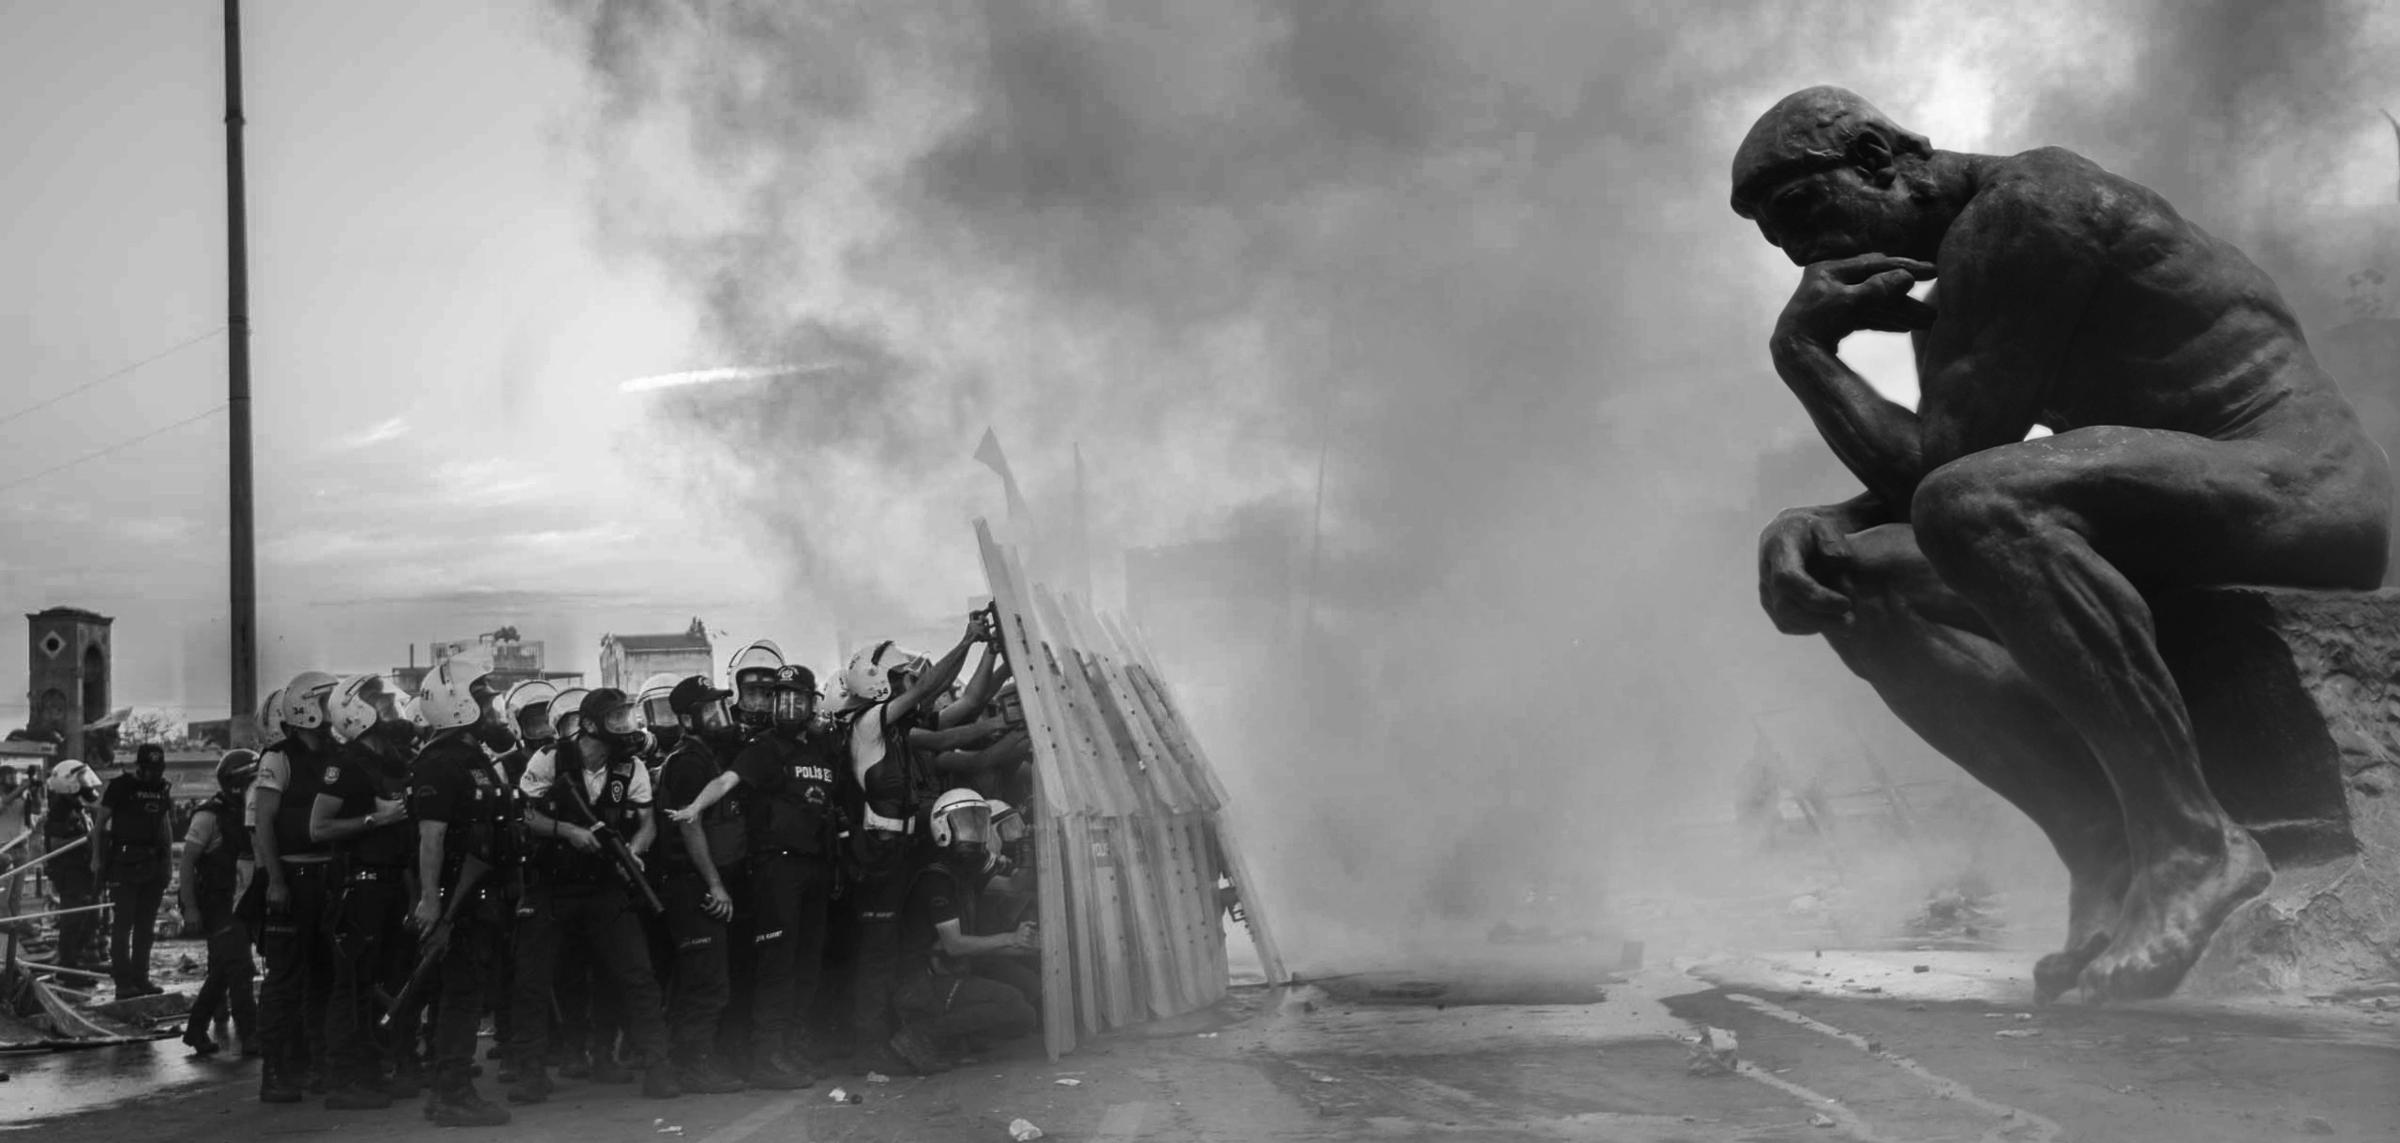 Schafft die Polizei ab! <br>  <span id='sec-title'>Systematische Gewalt ist nicht reformierbar</span>